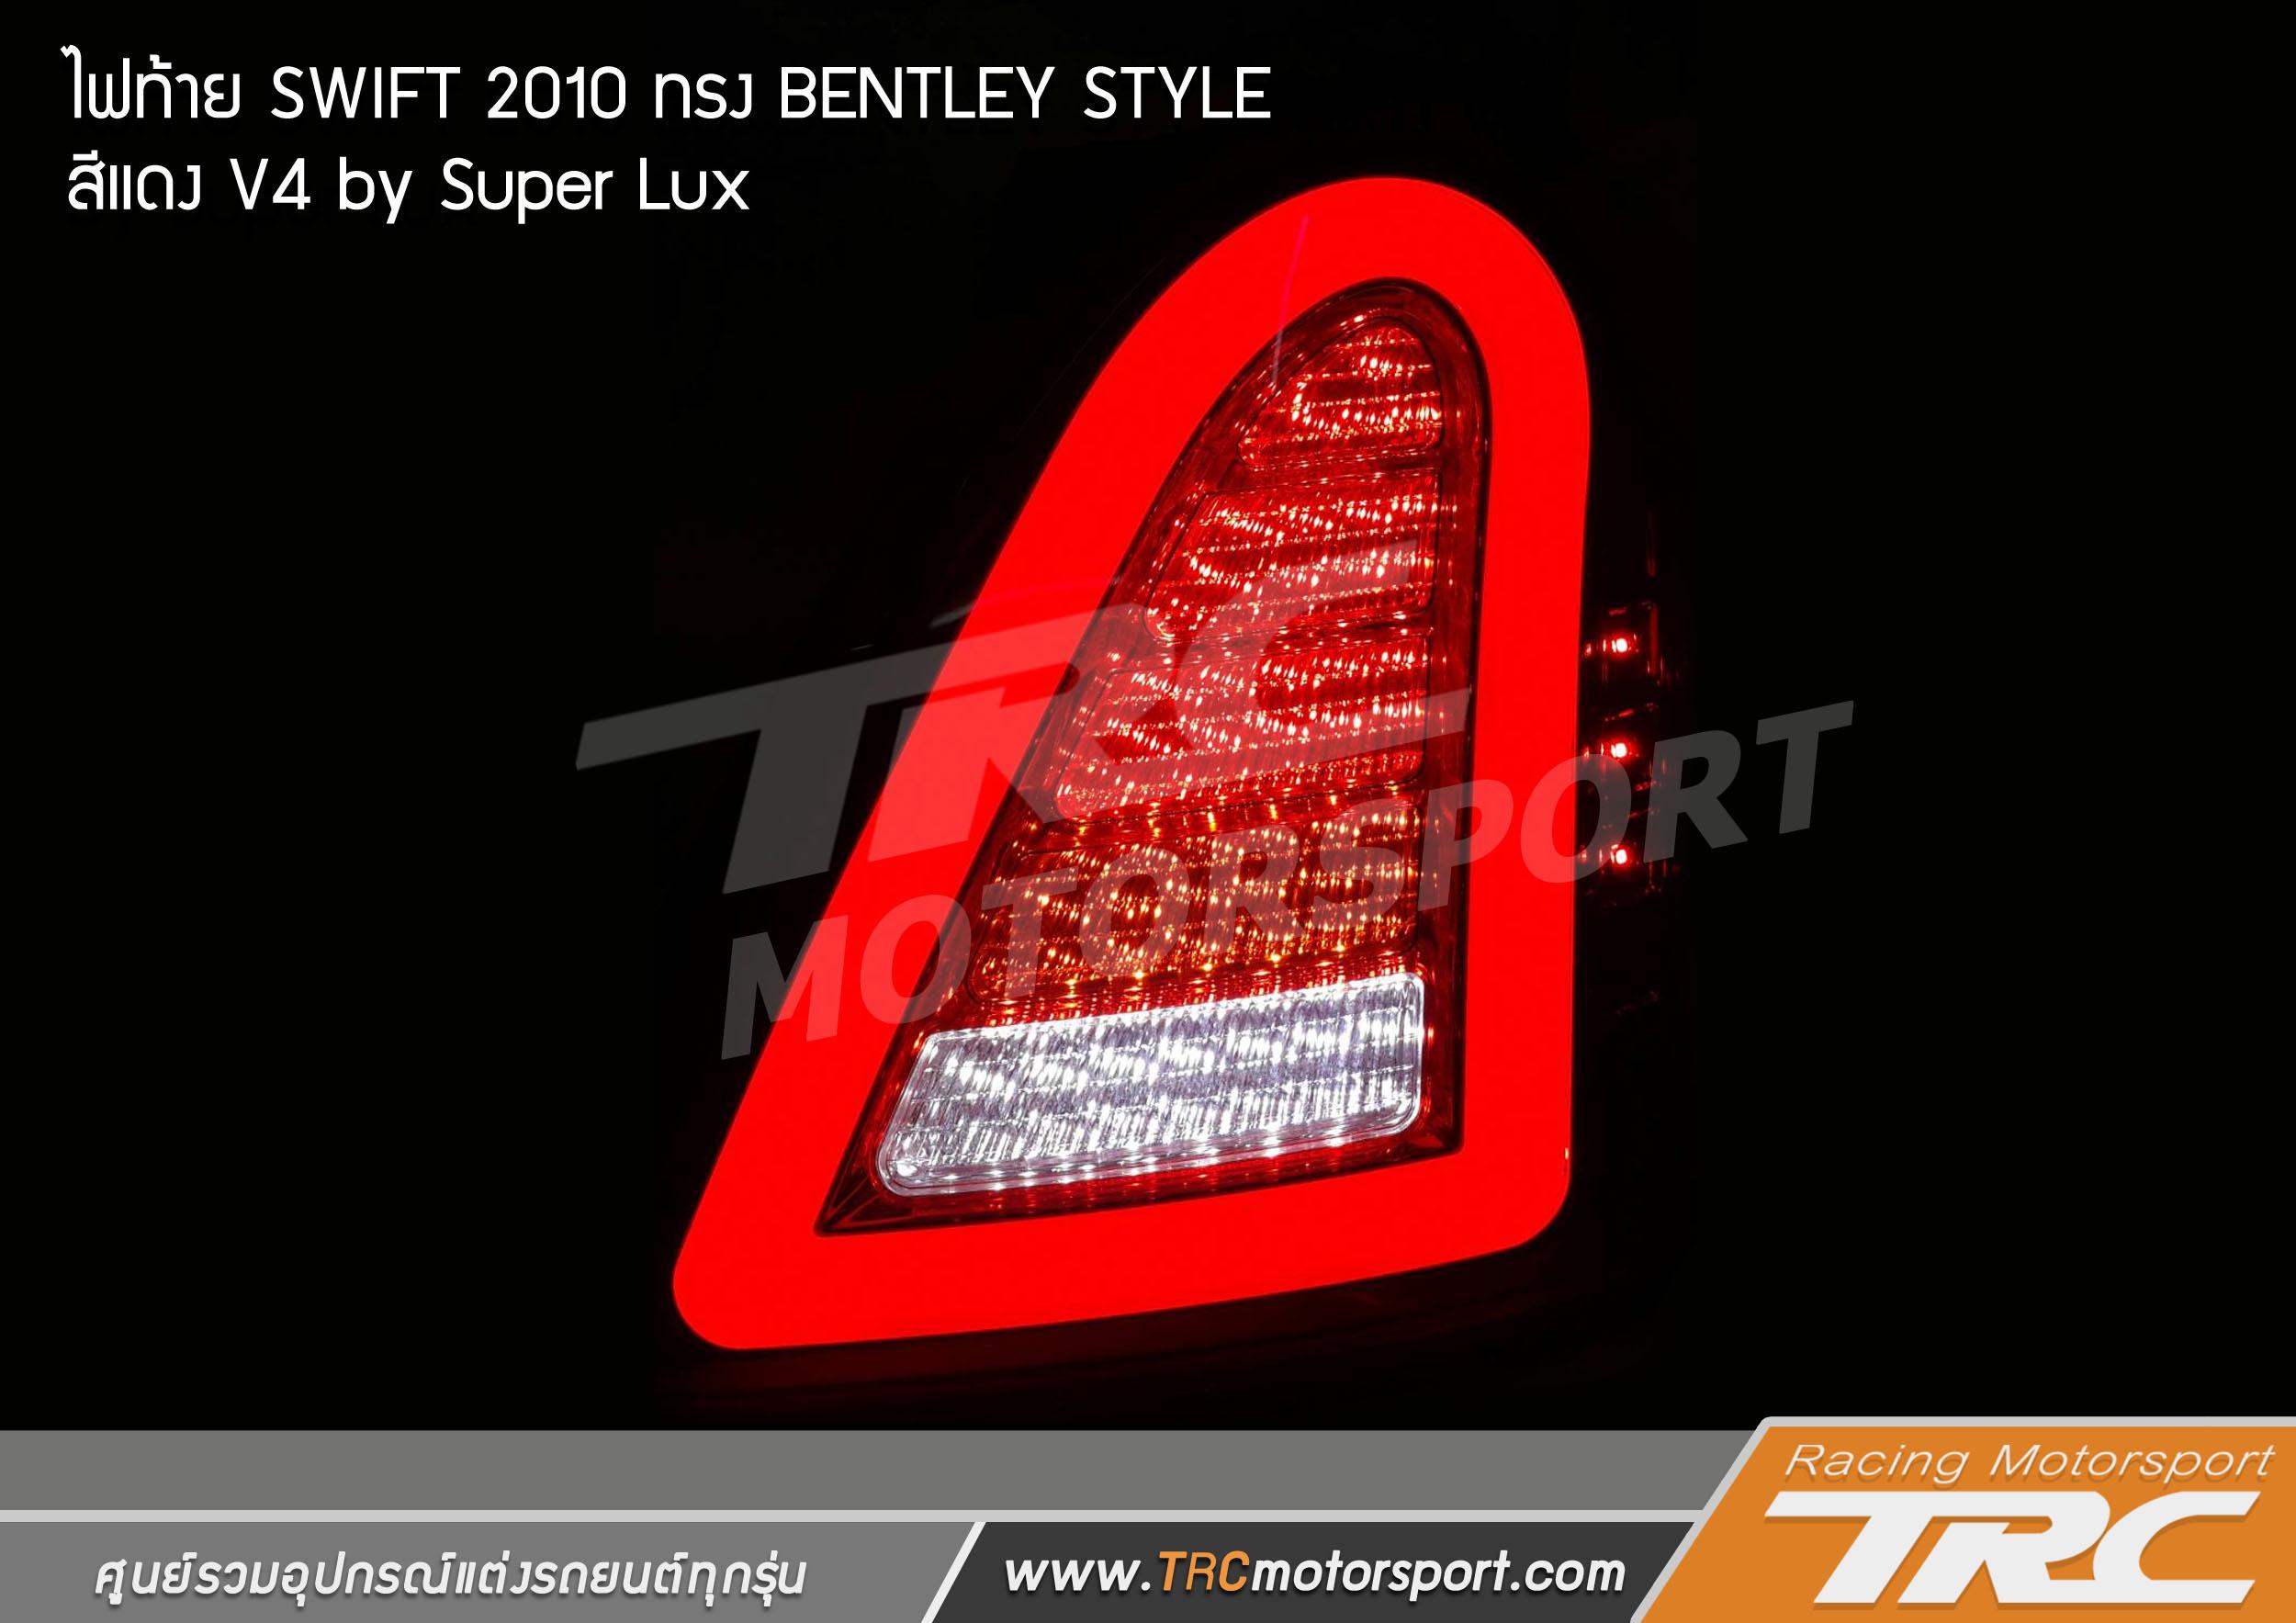 ไฟท้าย รุ่นใหม่ SWIFT 2010 ทรง BENTLEY STYLE สีแดง V4